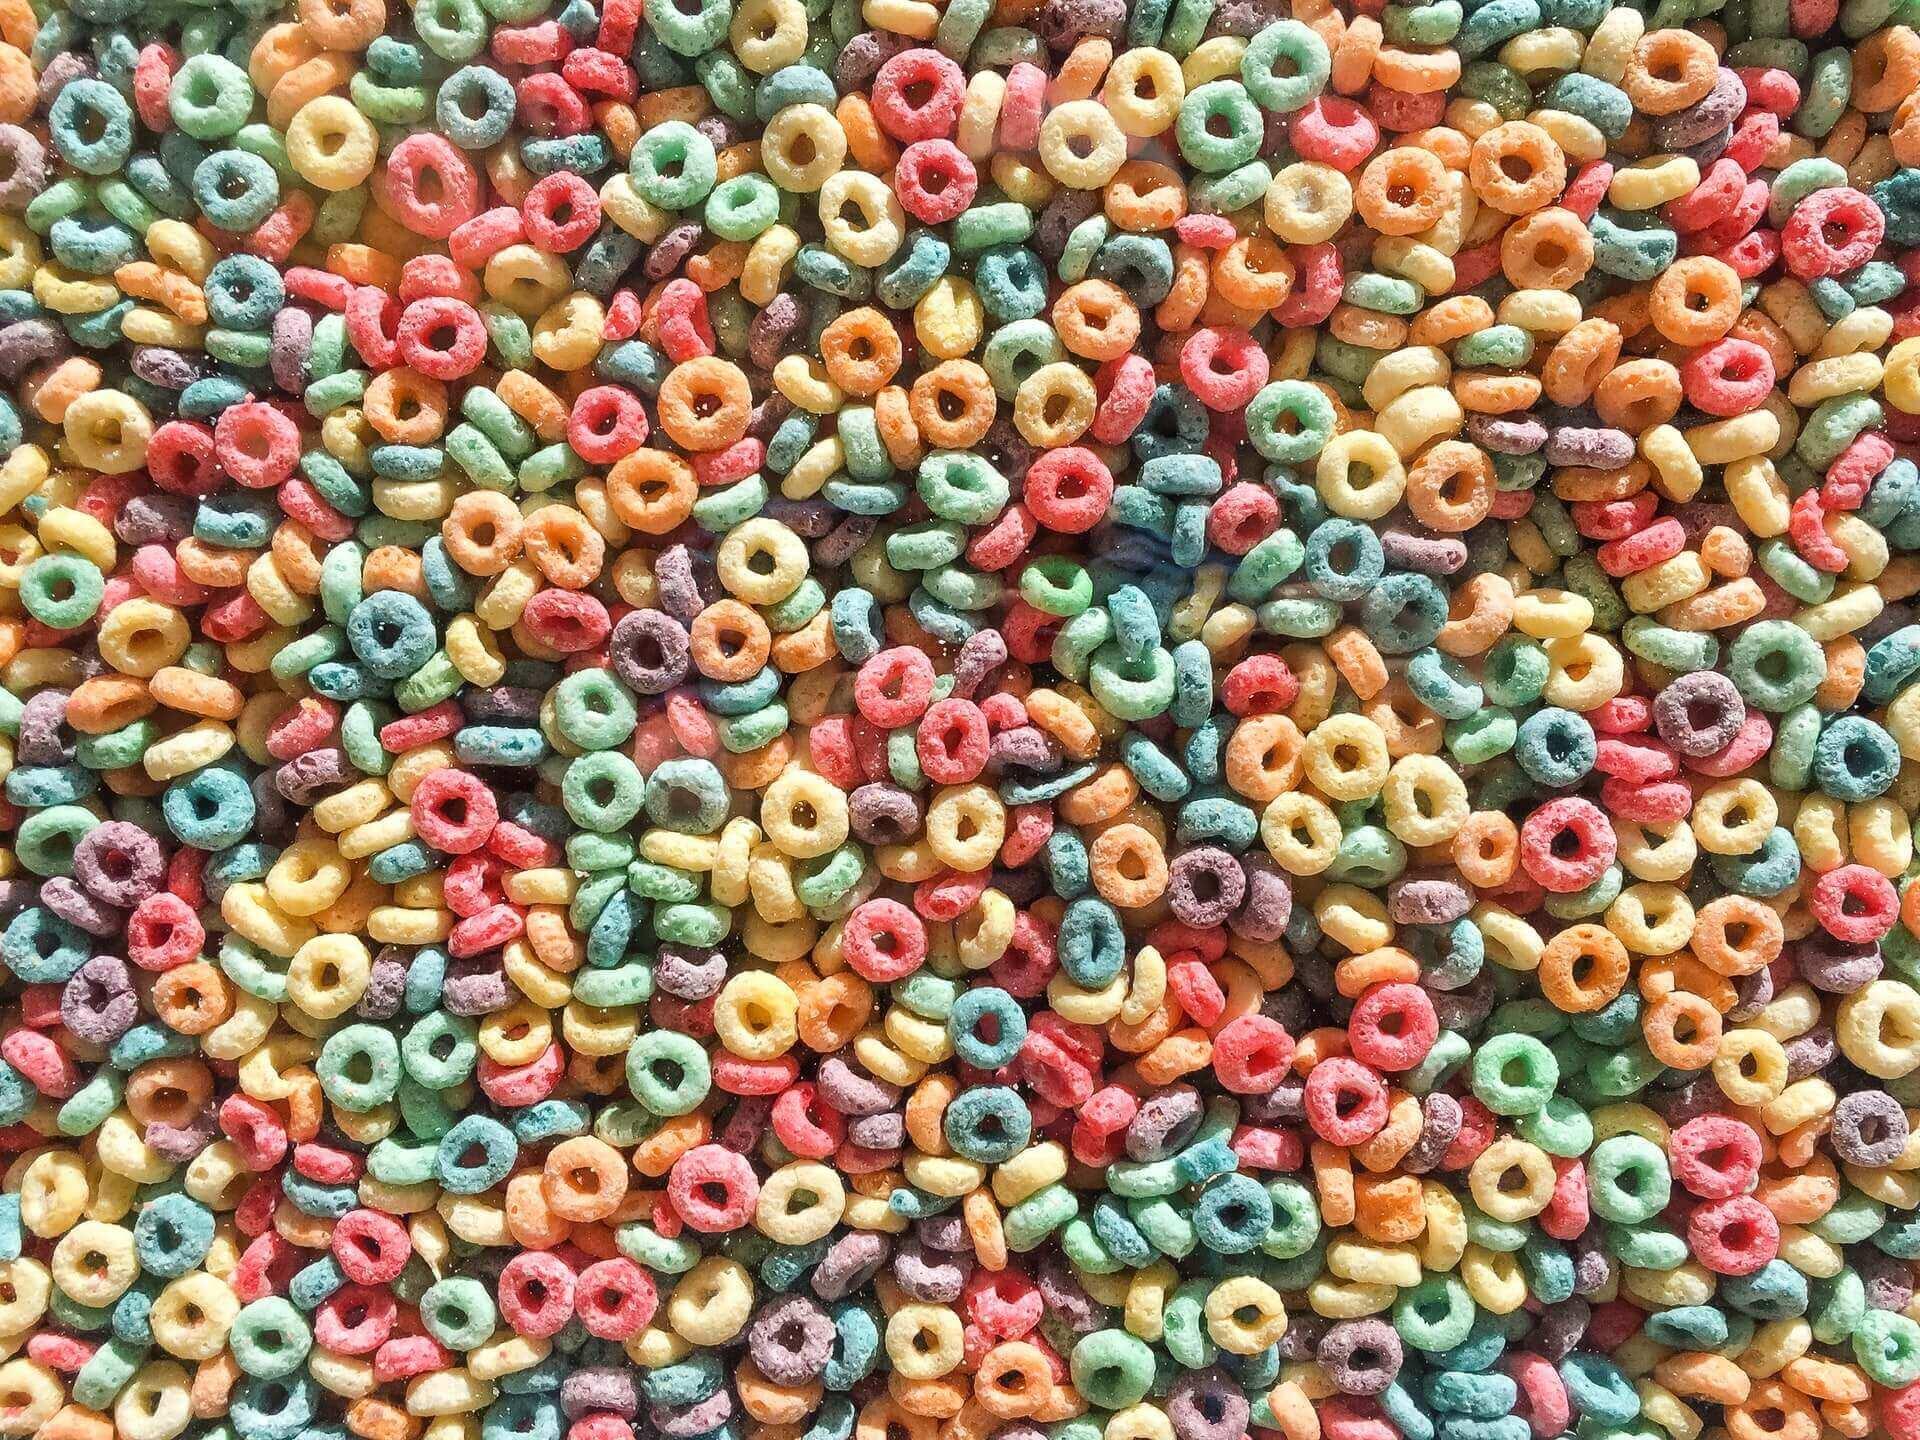 설탕을 꼭 섭취해야 할까?